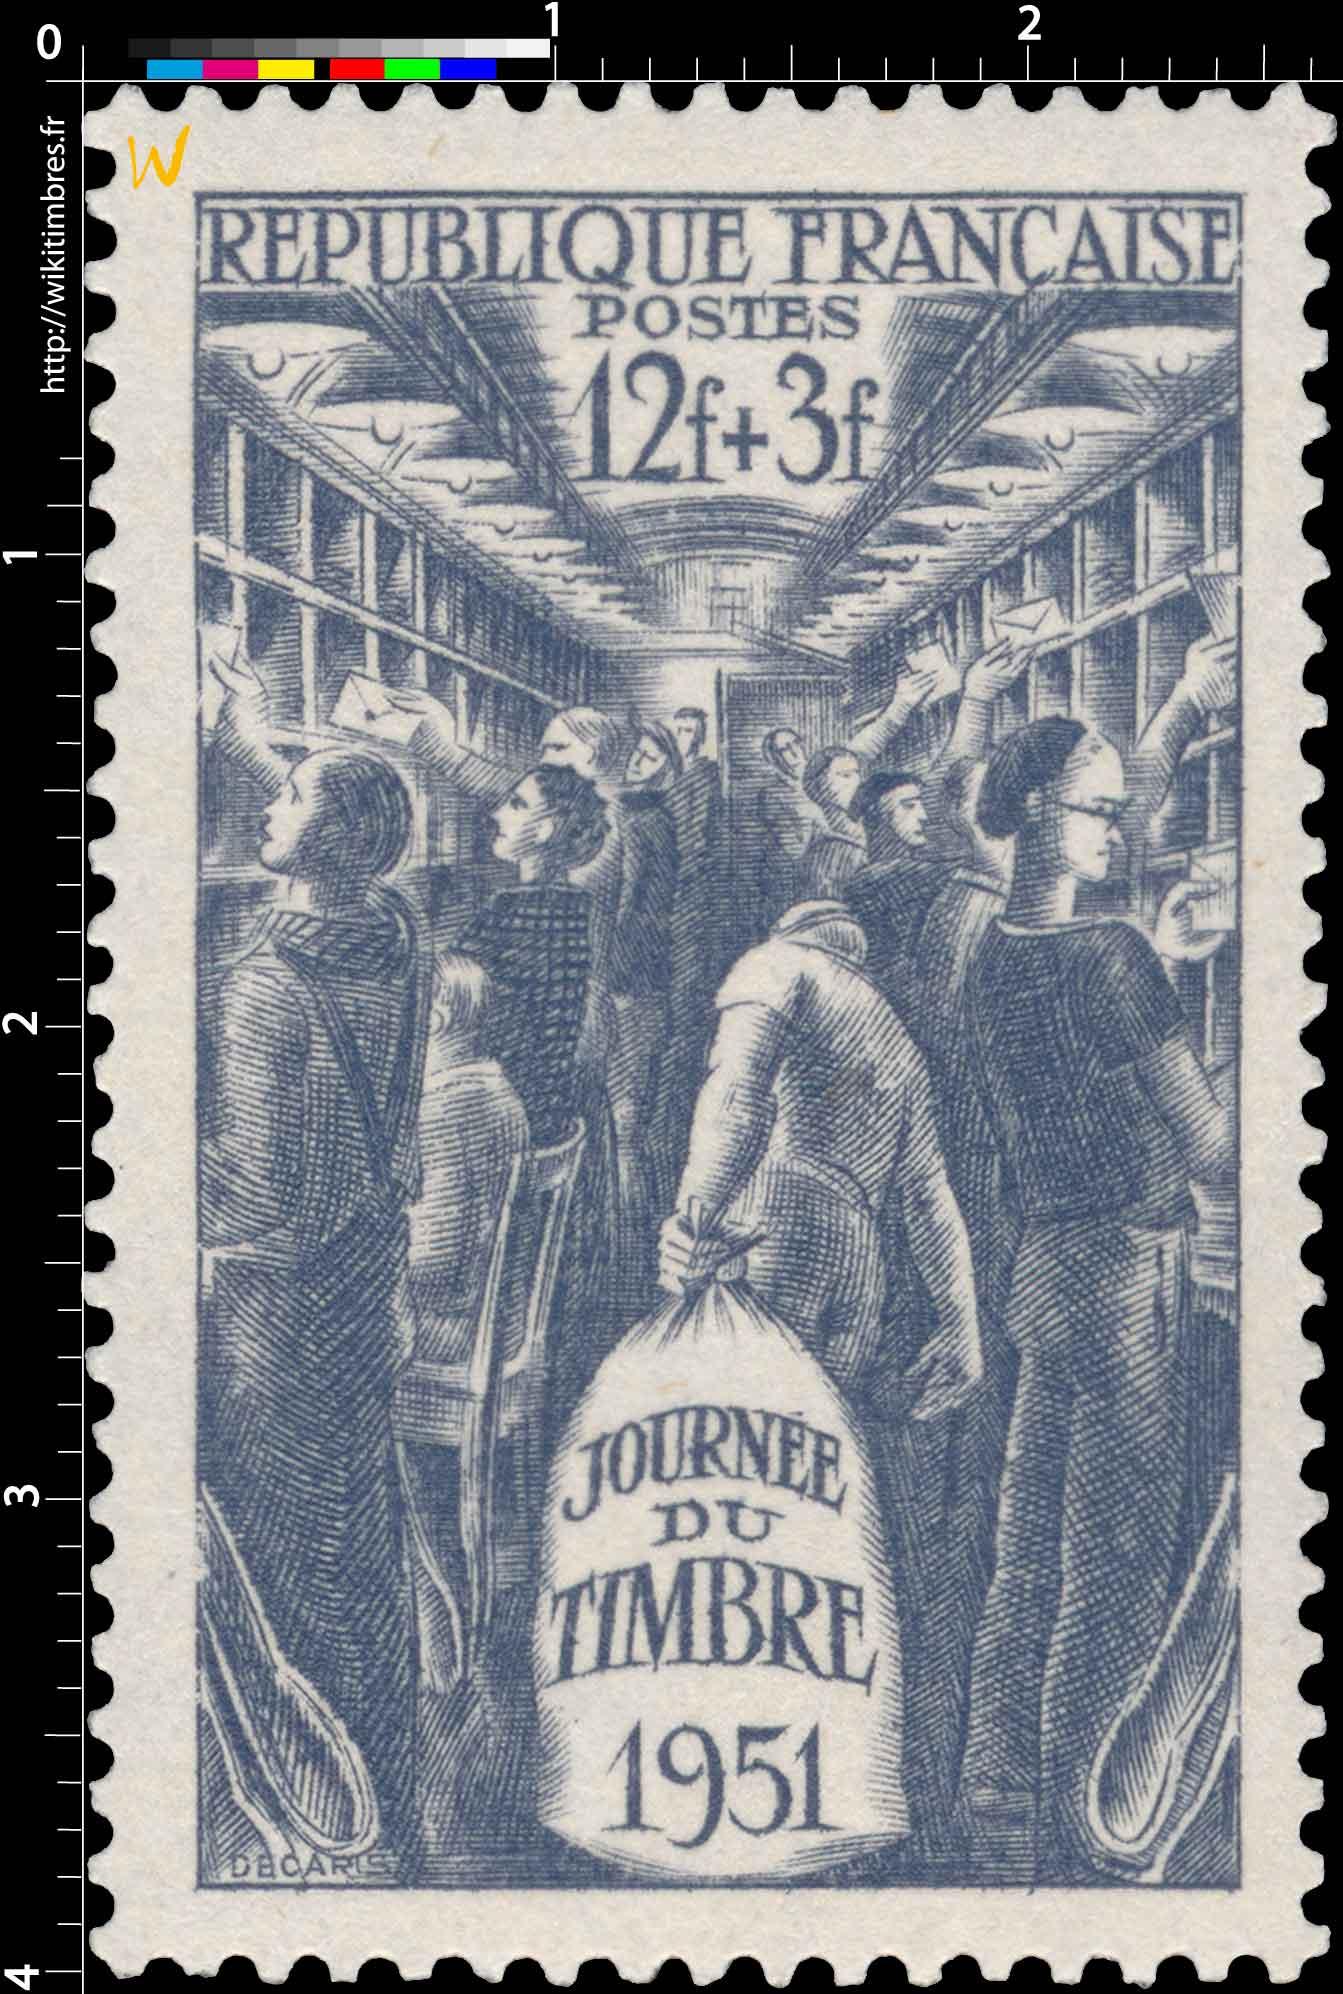 JOURNÉE DU TIMBRE 1951